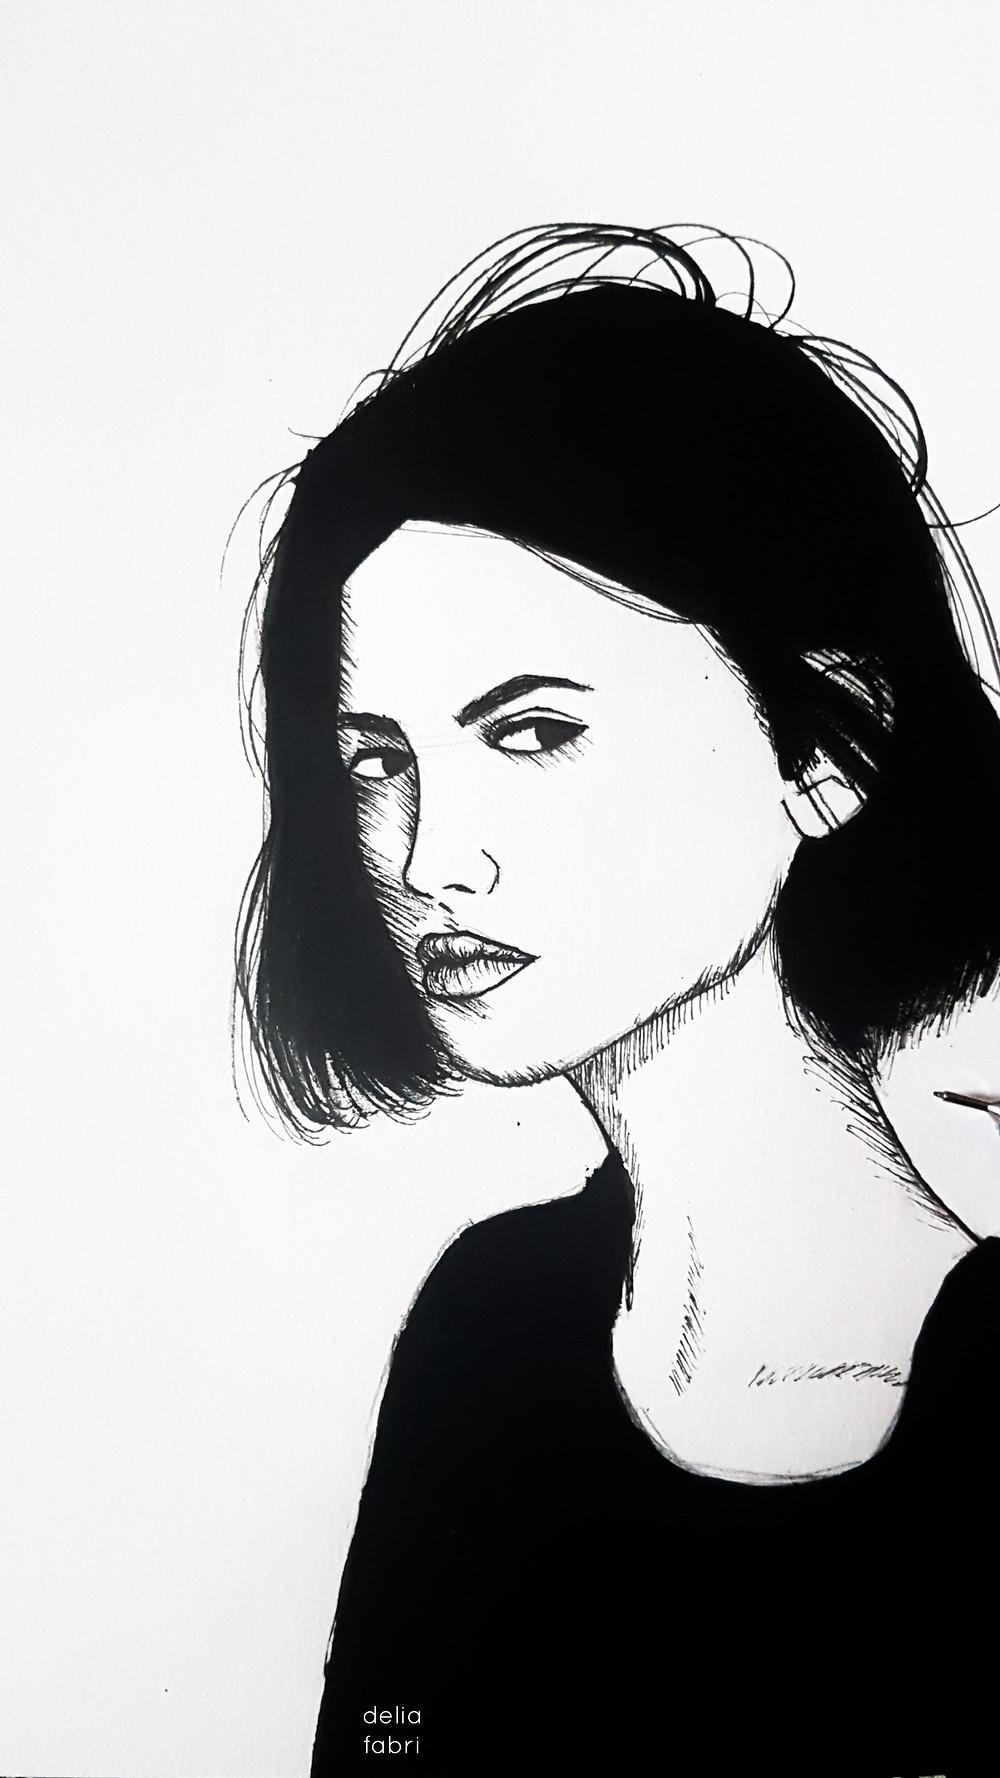 Delia Fabri - Sinis